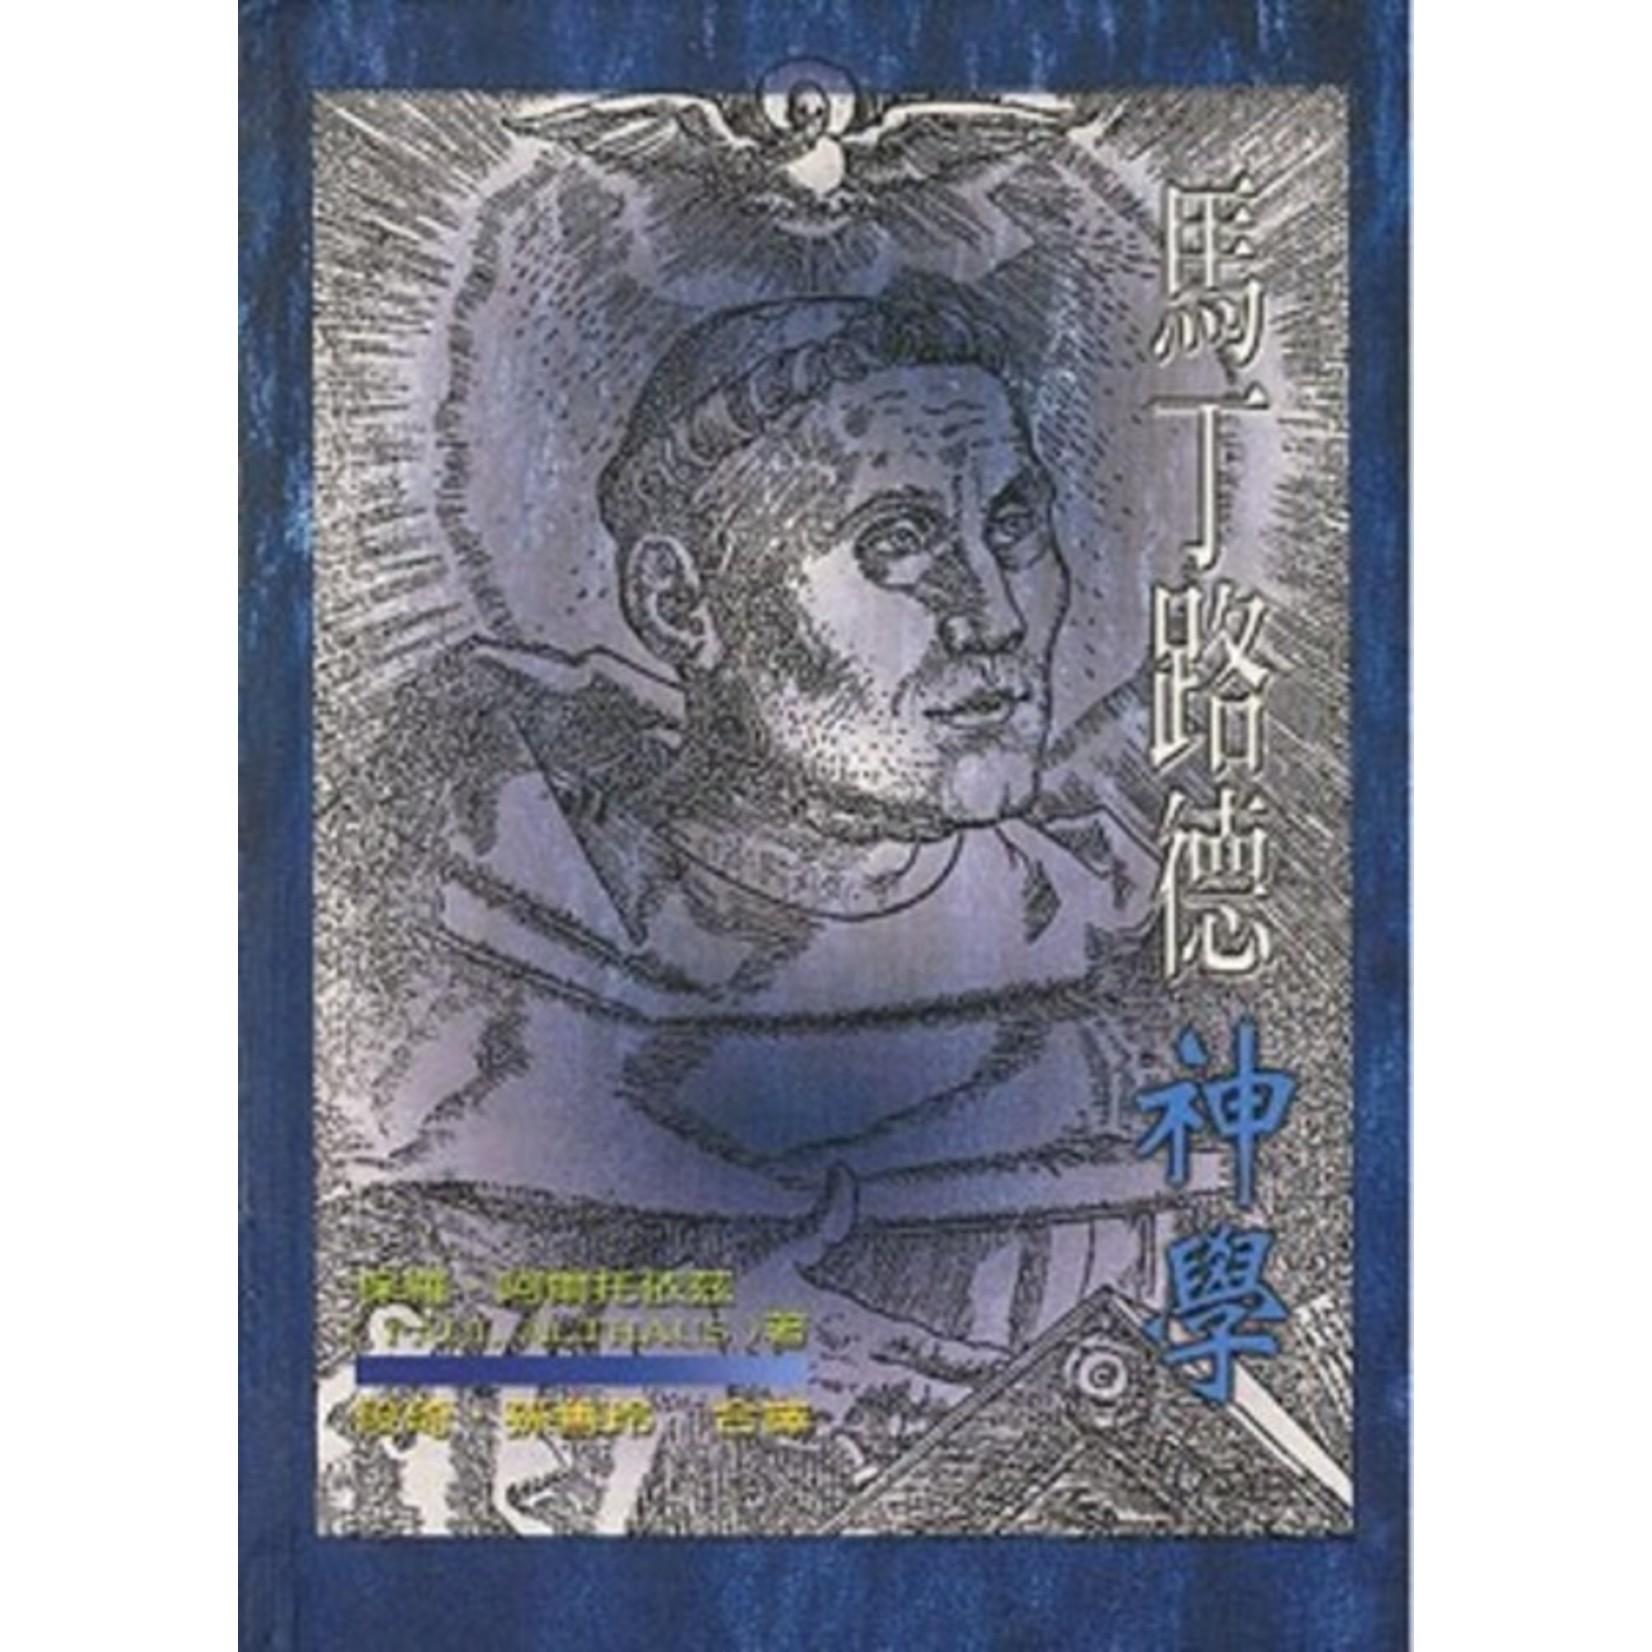 中華信義神學院 China Lutheran Seminary 馬丁路德神學 THE THEOLOGY OF MARTIN LUTHER